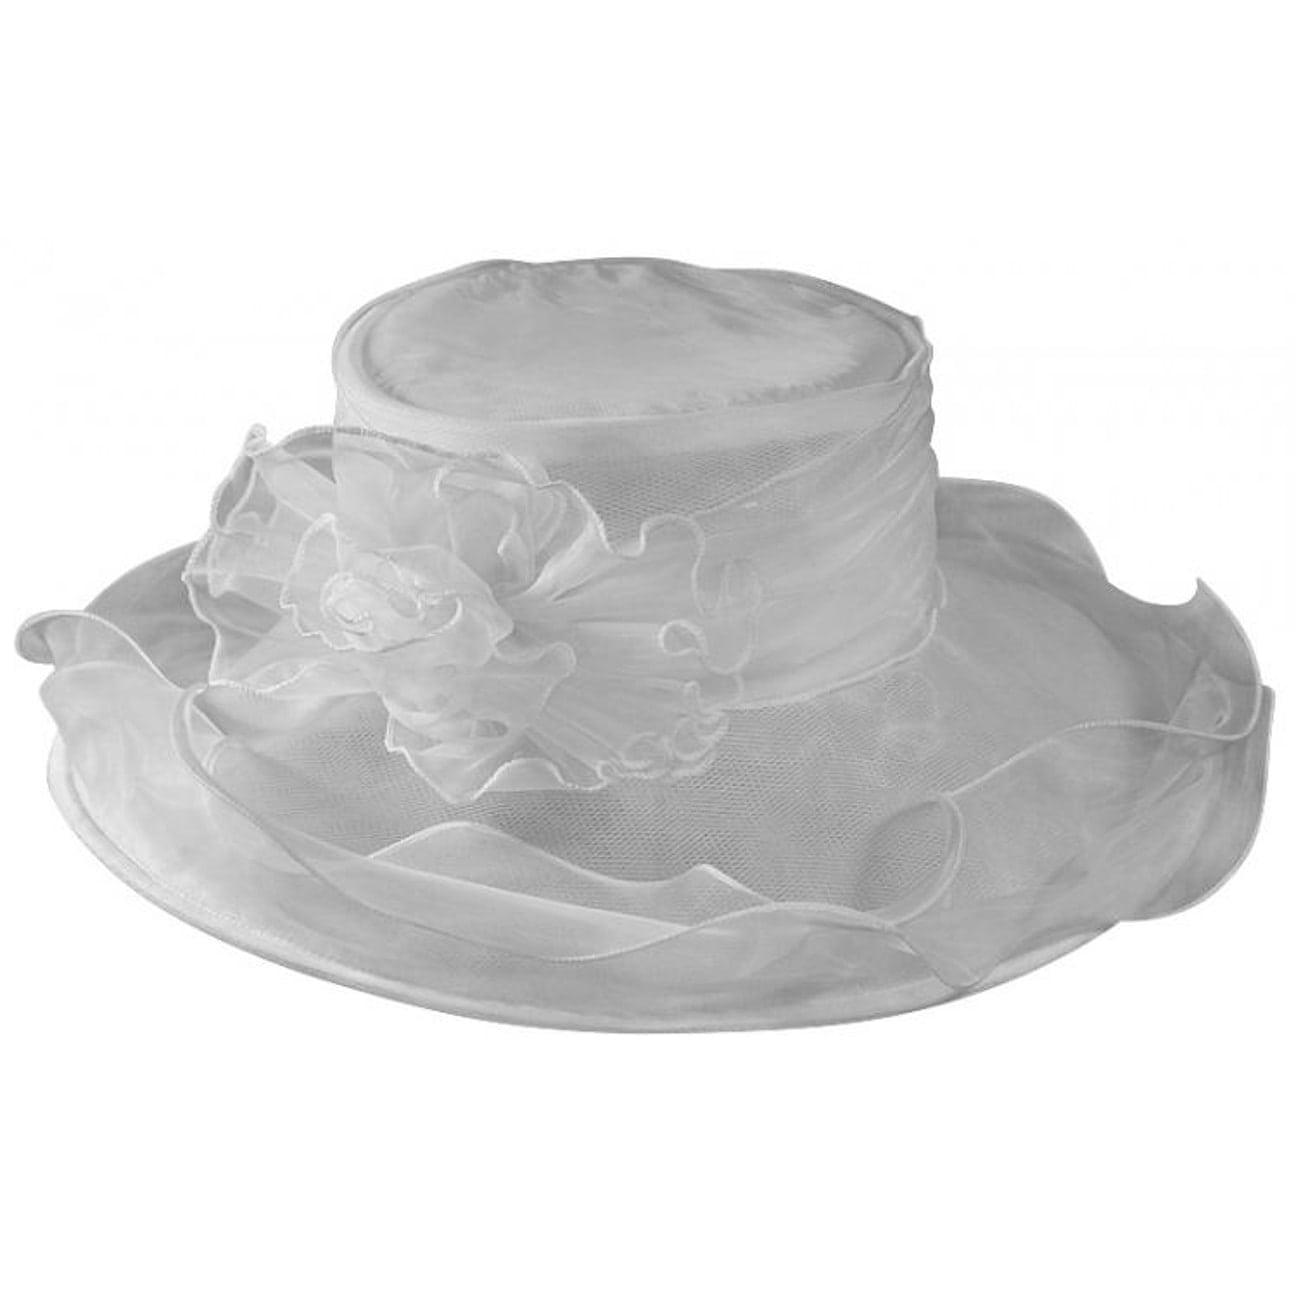 Nola Occasion Hat By McBURN, EUR 89,95 --> Hats, Caps